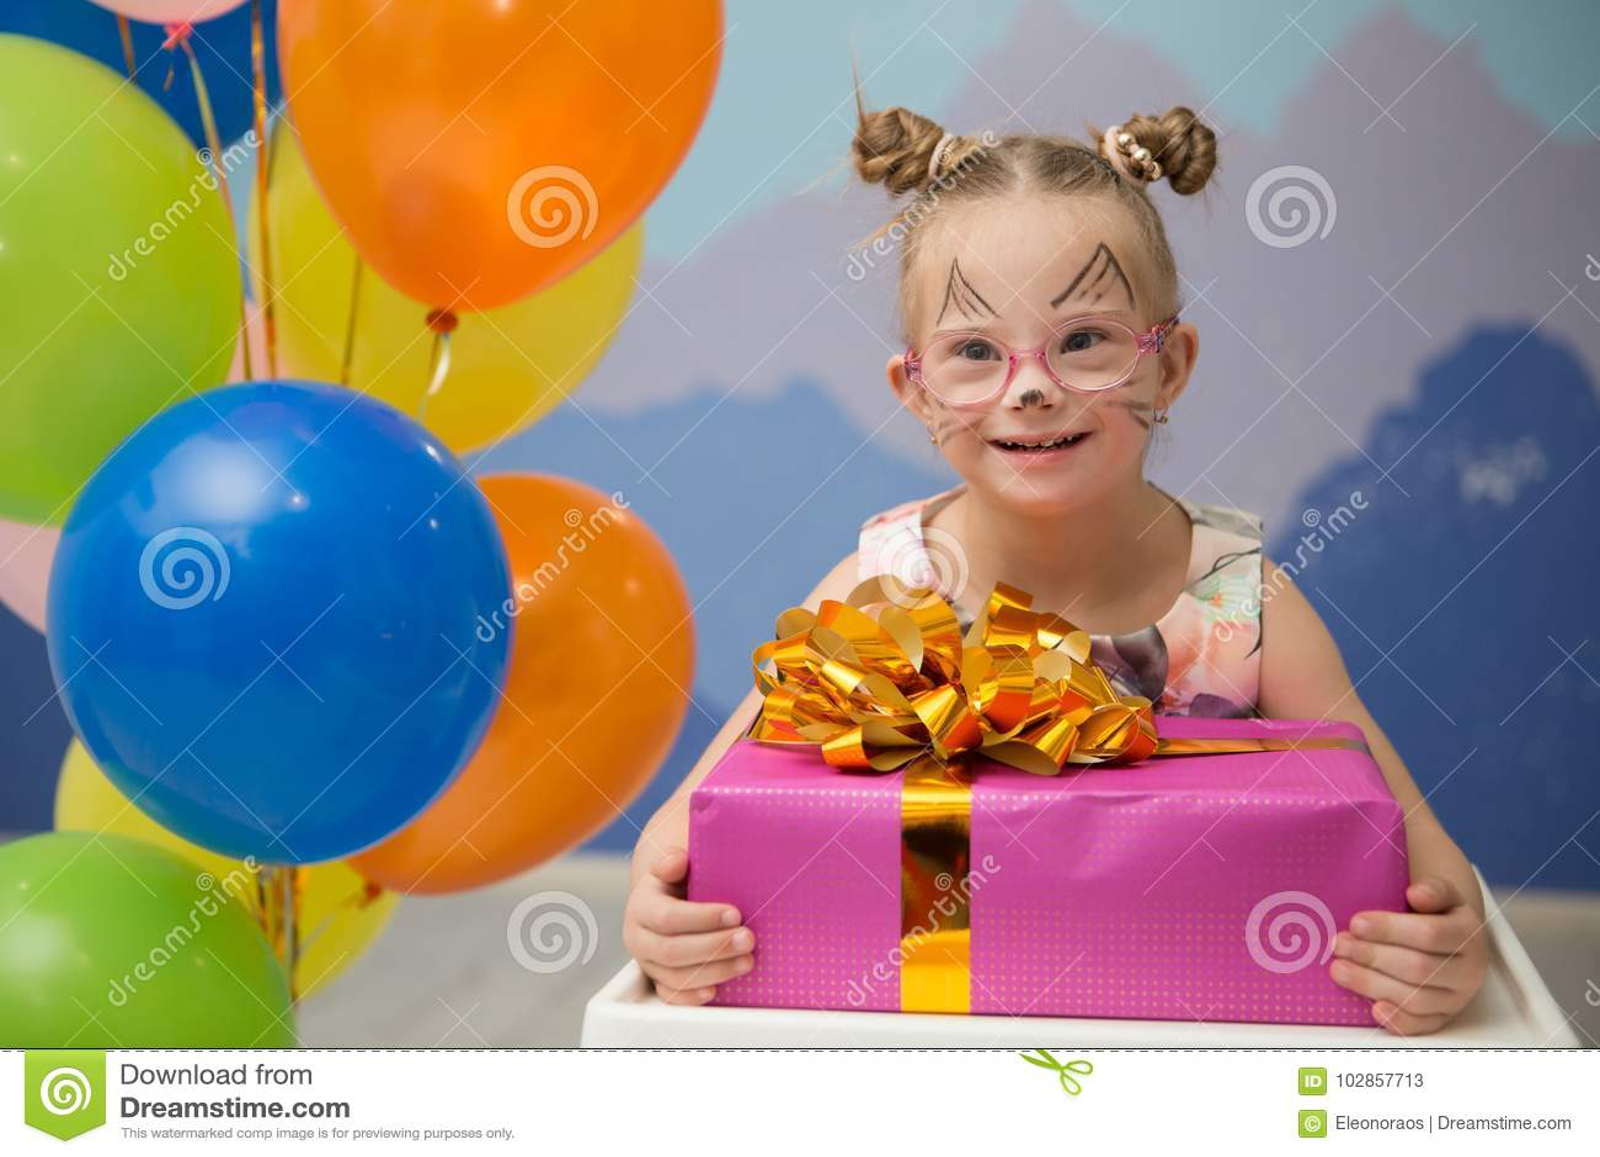 Muchacha hermosa con Síndrome de Down con un presente de cumpleaños